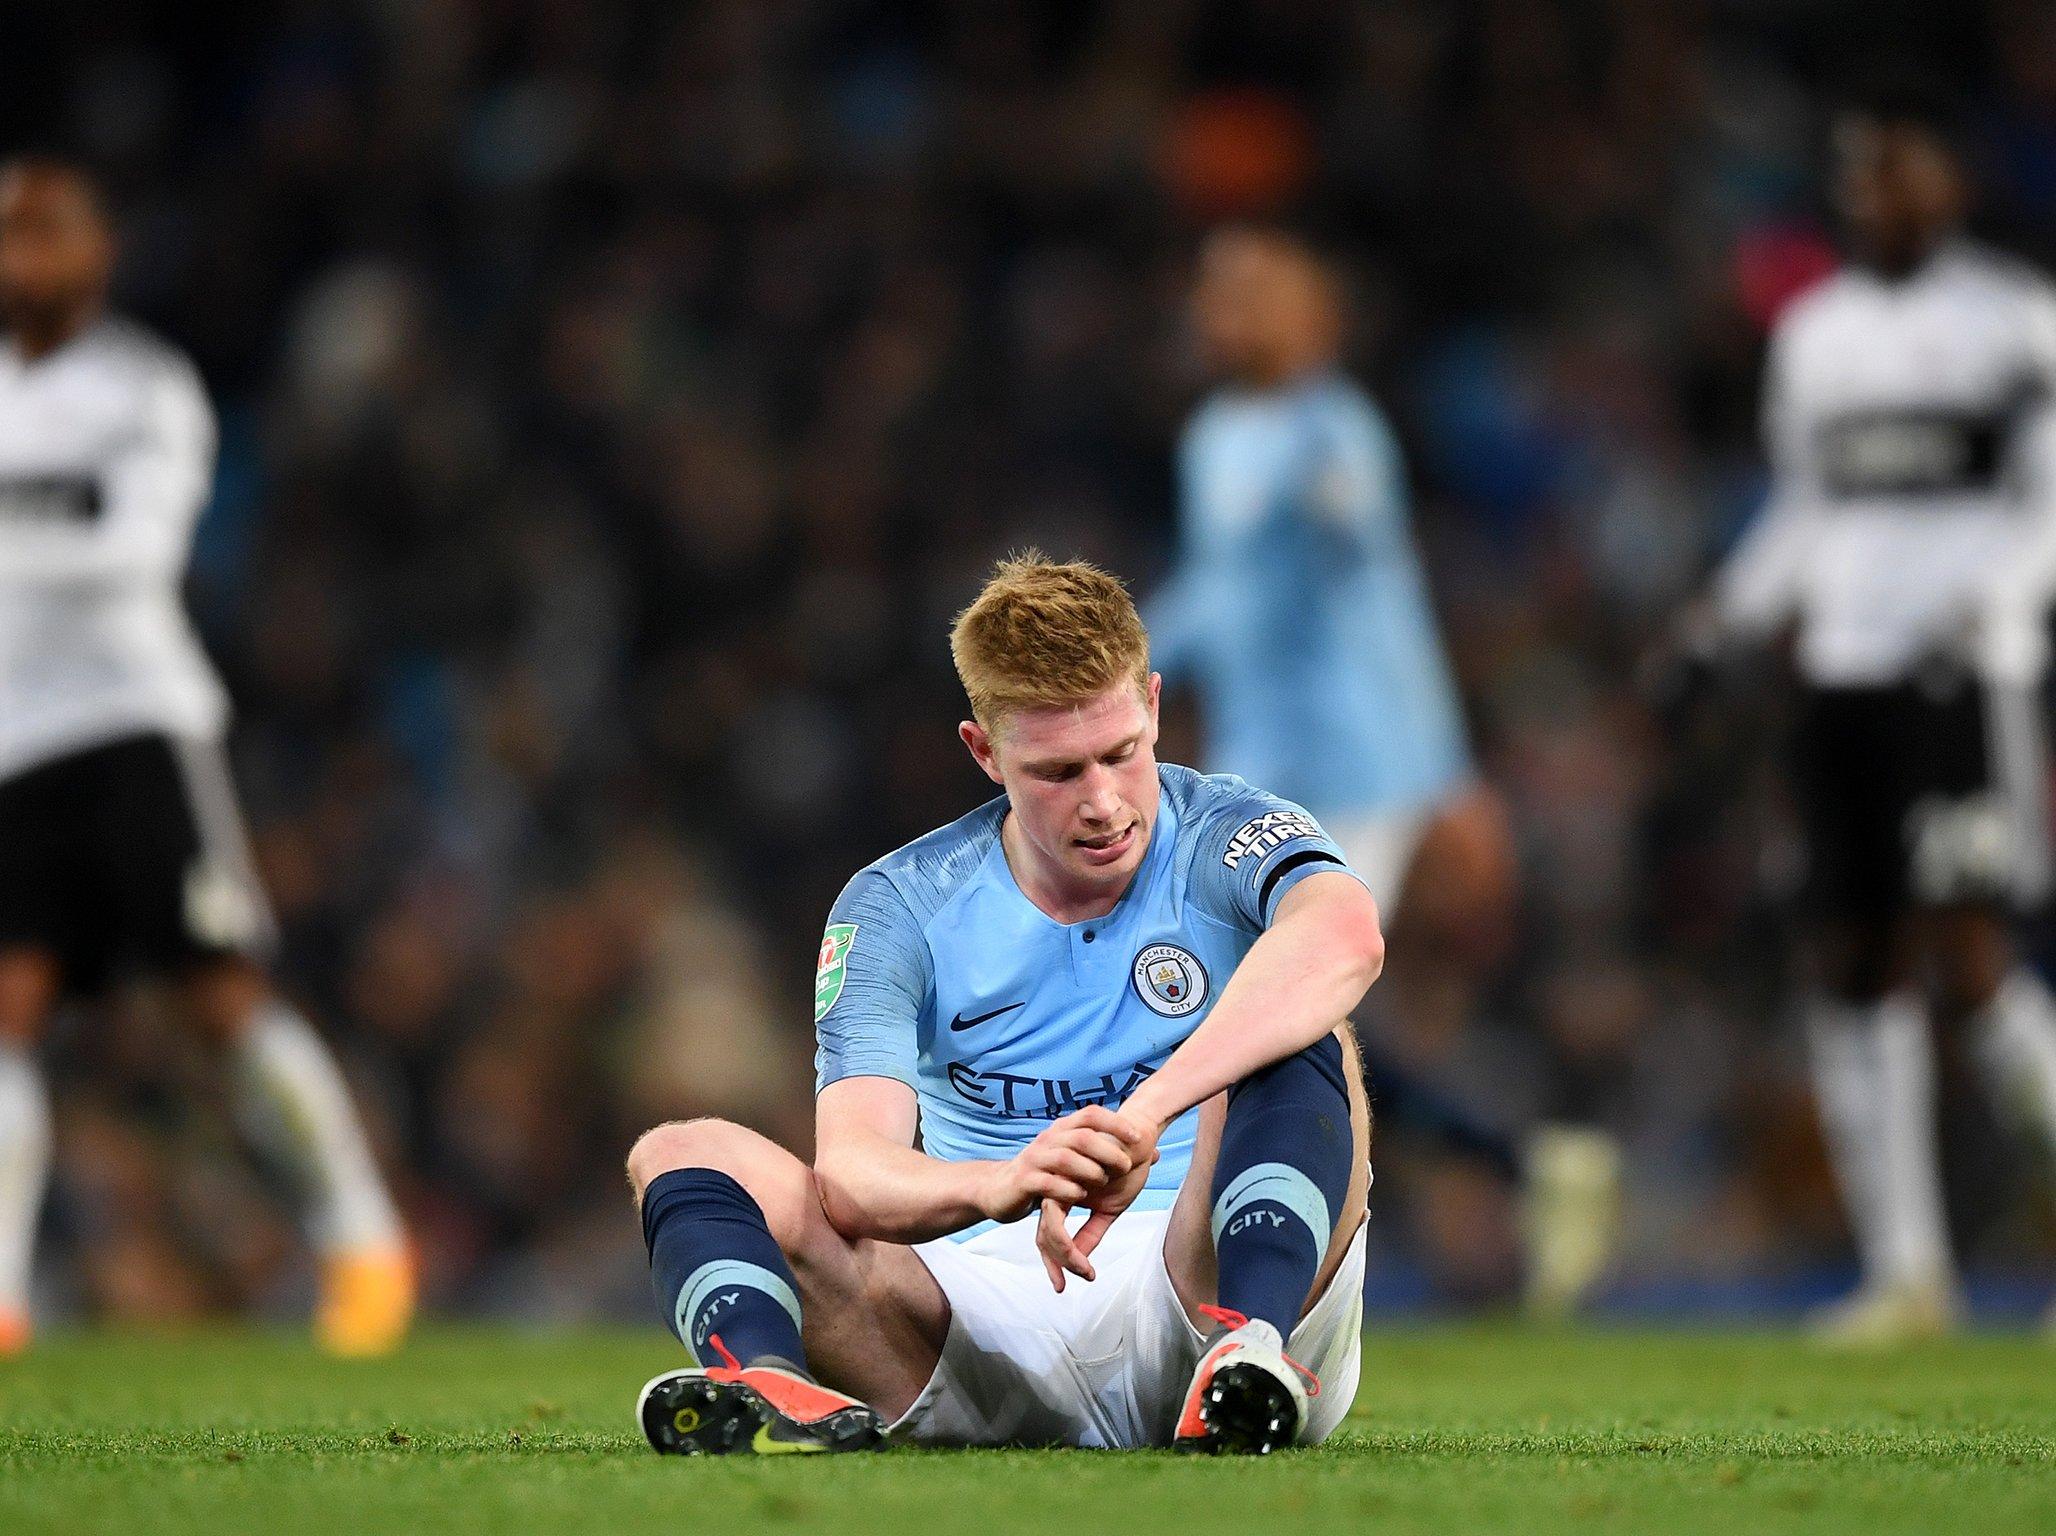 'De Bruyne phải cạnh tranh gay gắt mới có suất đá chính ở Man City' - Bóng Đá